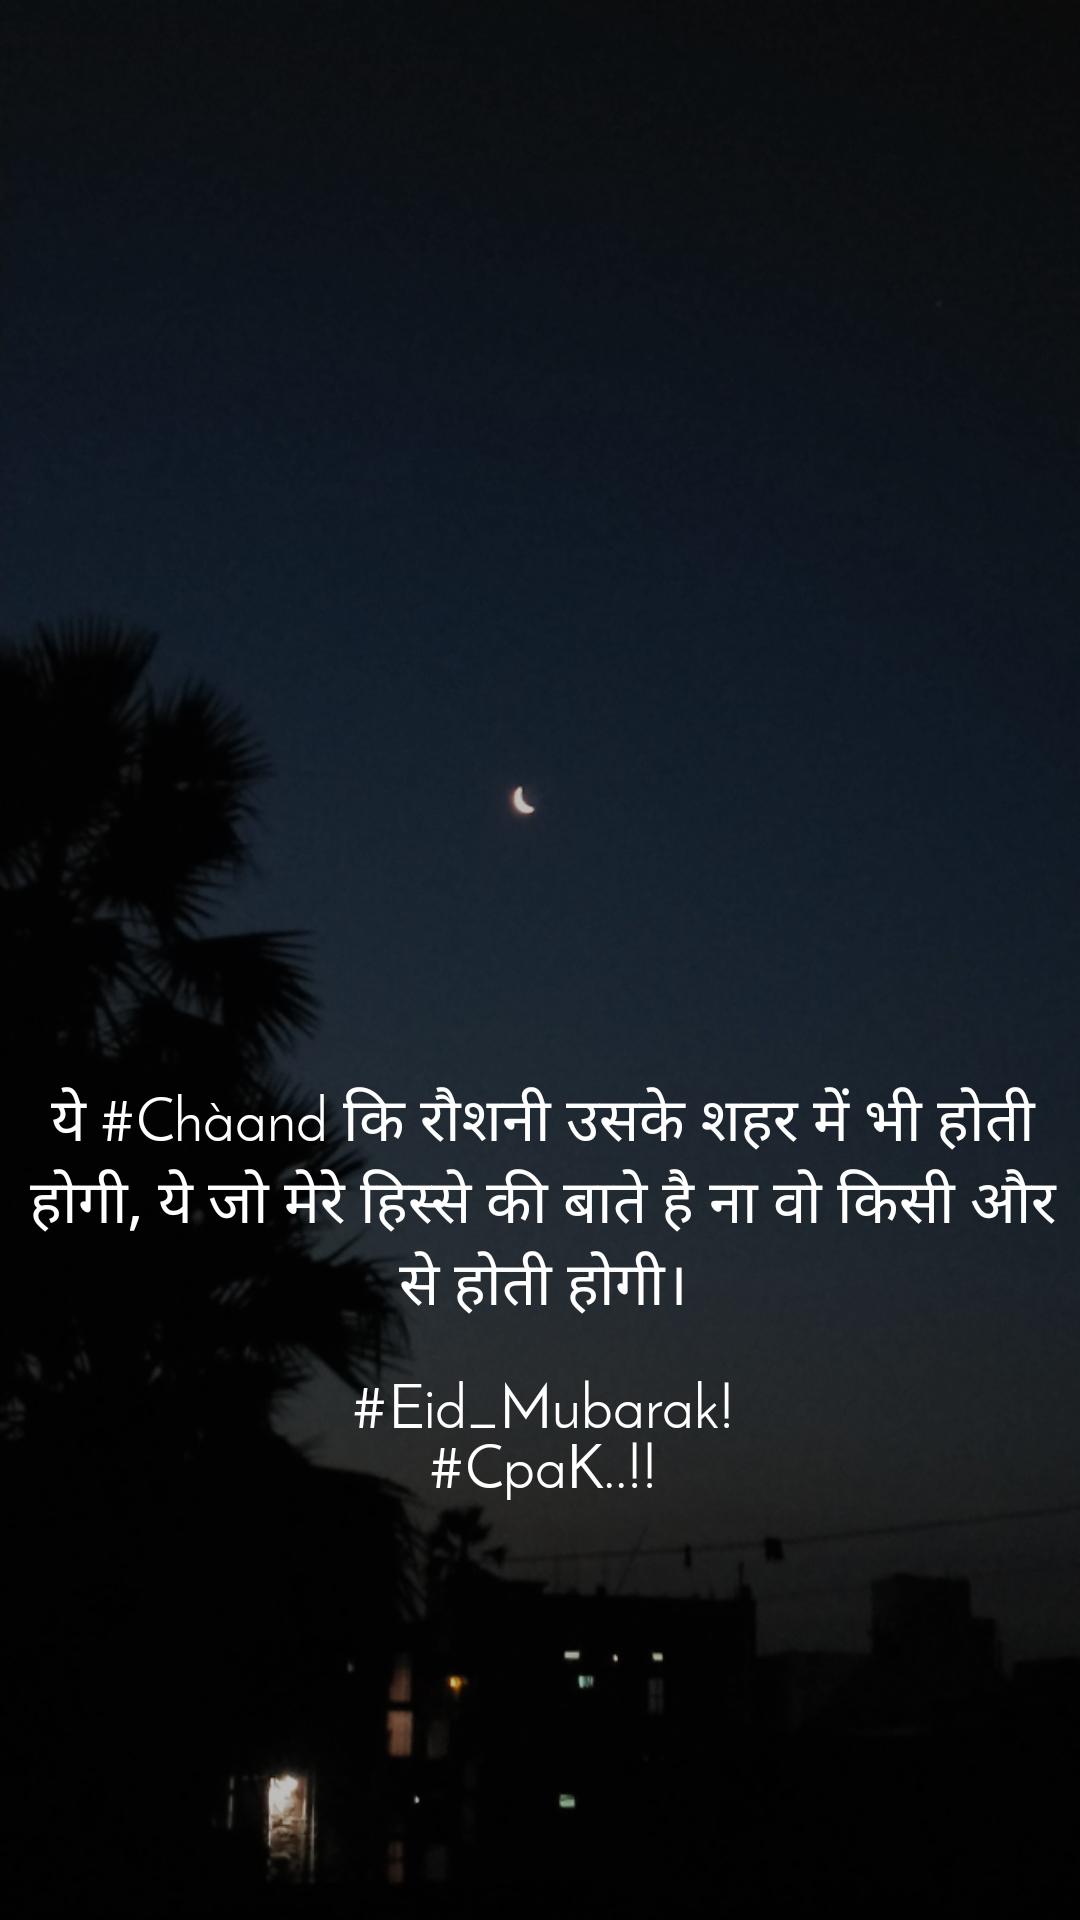 ये #Chàand कि रौशनी उसके शहर में भी होती होगी, ये जो मेरे हिस्से की बाते है ना वो किसी और से होती होगी।  #Eid_Mubarak! #CpaK..!!